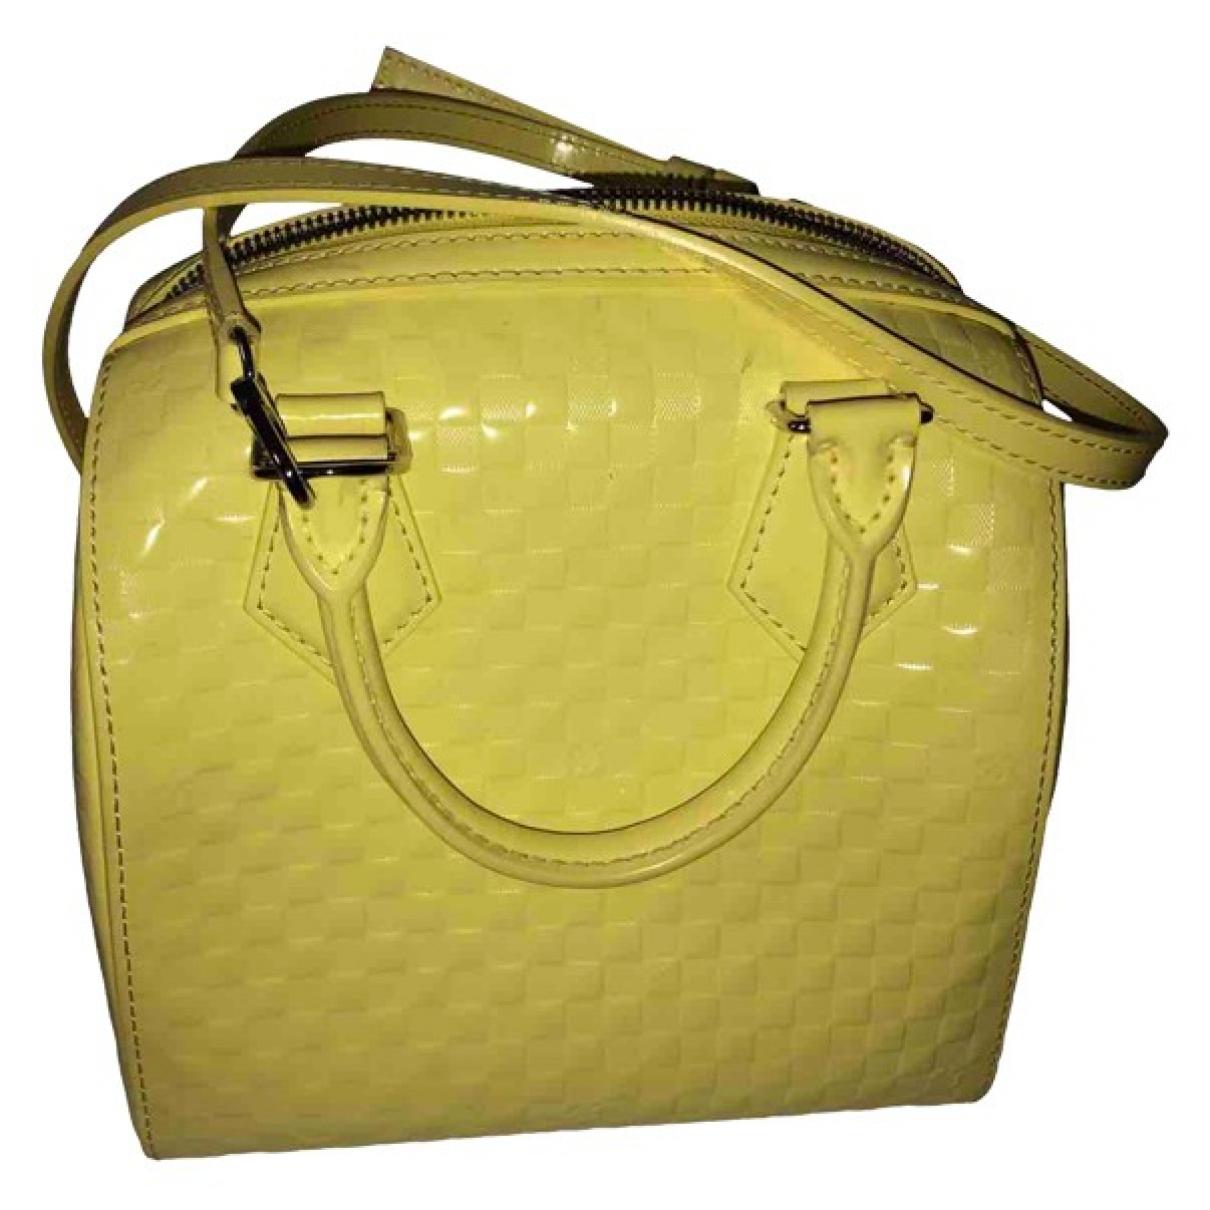 Louis Vuitton \N Handtasche in  Gelb Leder